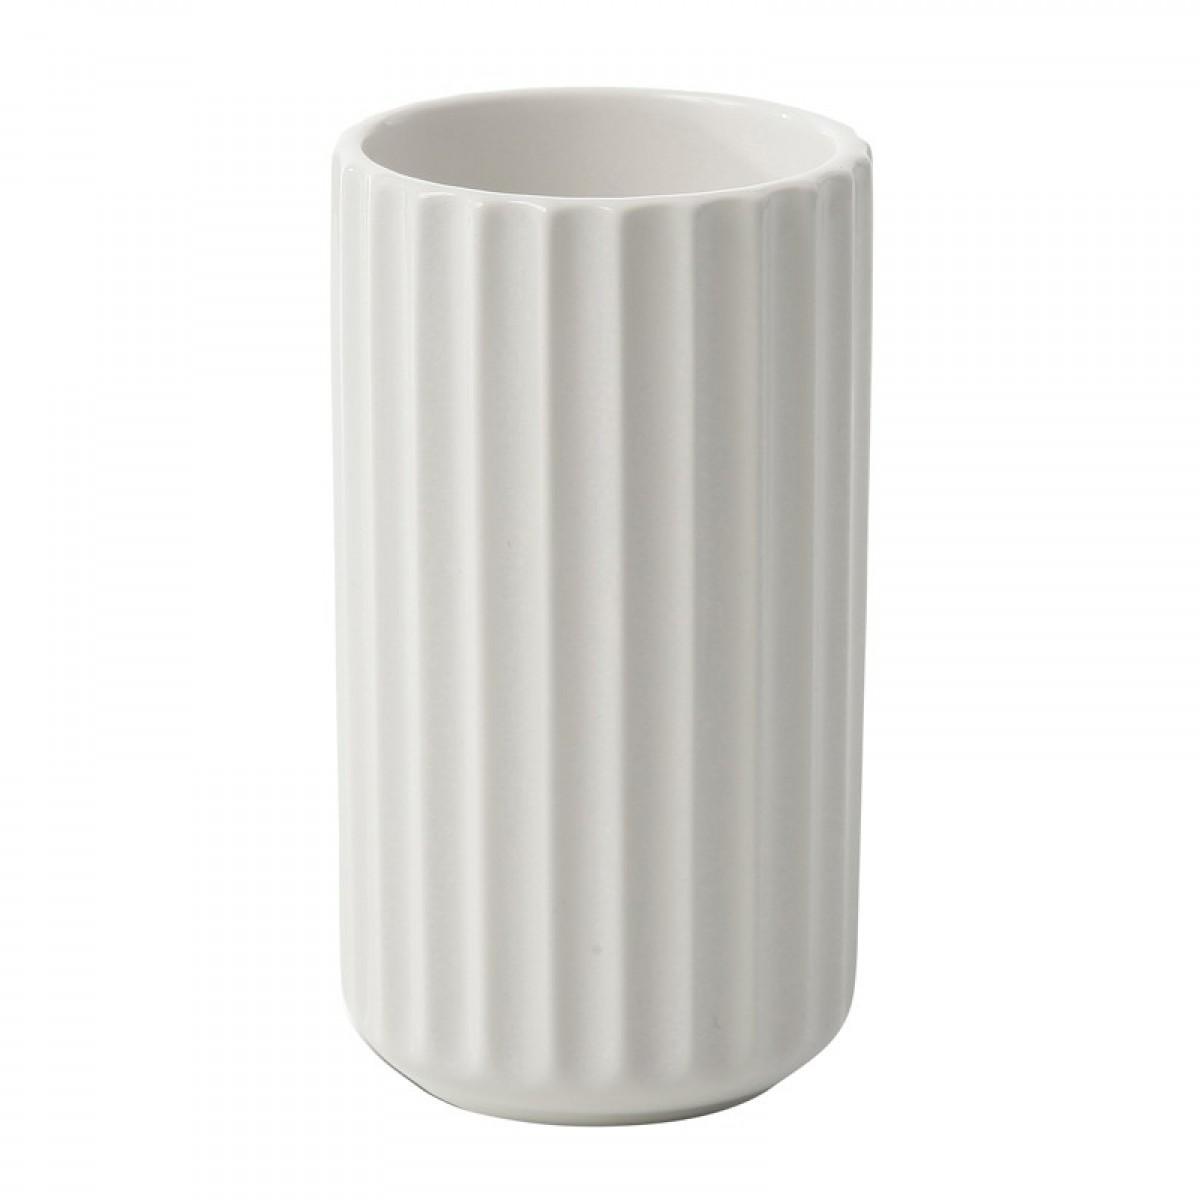 LYNGBY Vase hvid 15 cm.